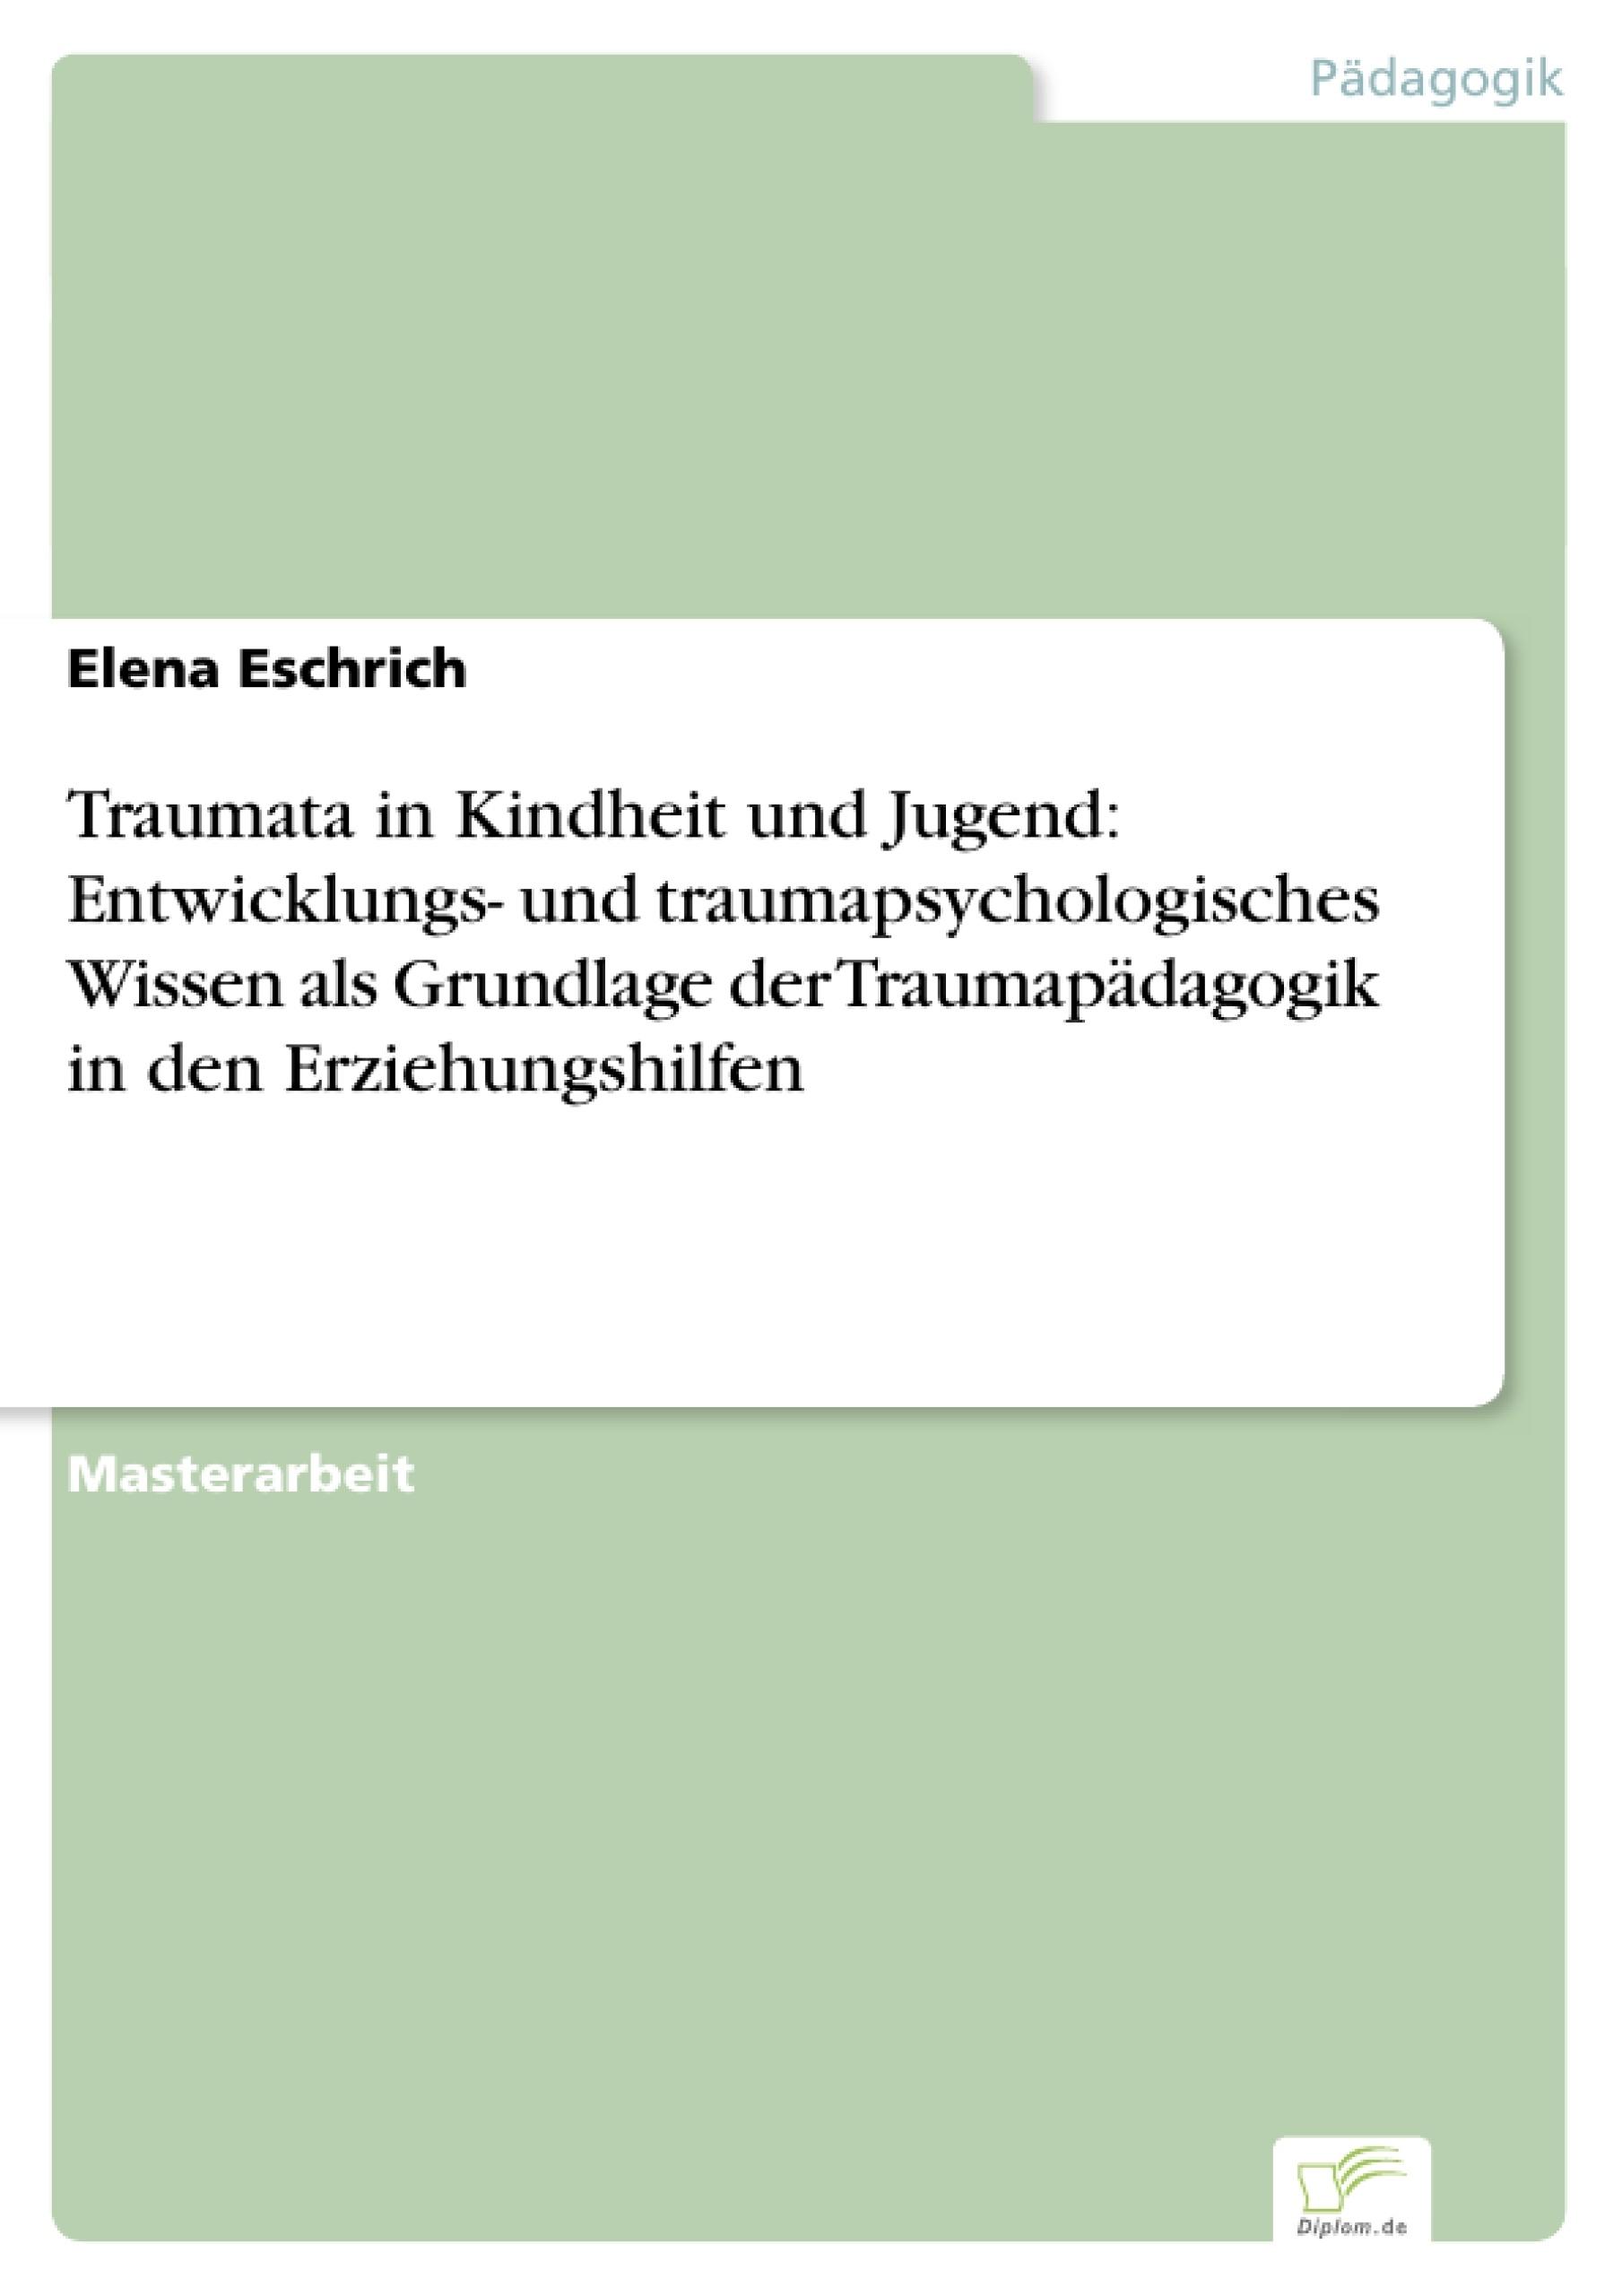 katalog dissertationen deutsch E-books – im kit-katalog finden und ortsunabhängig nutzen gut vorbereitet in die abschlusspräsentation - aus dem methodenlabor des hoc 08.